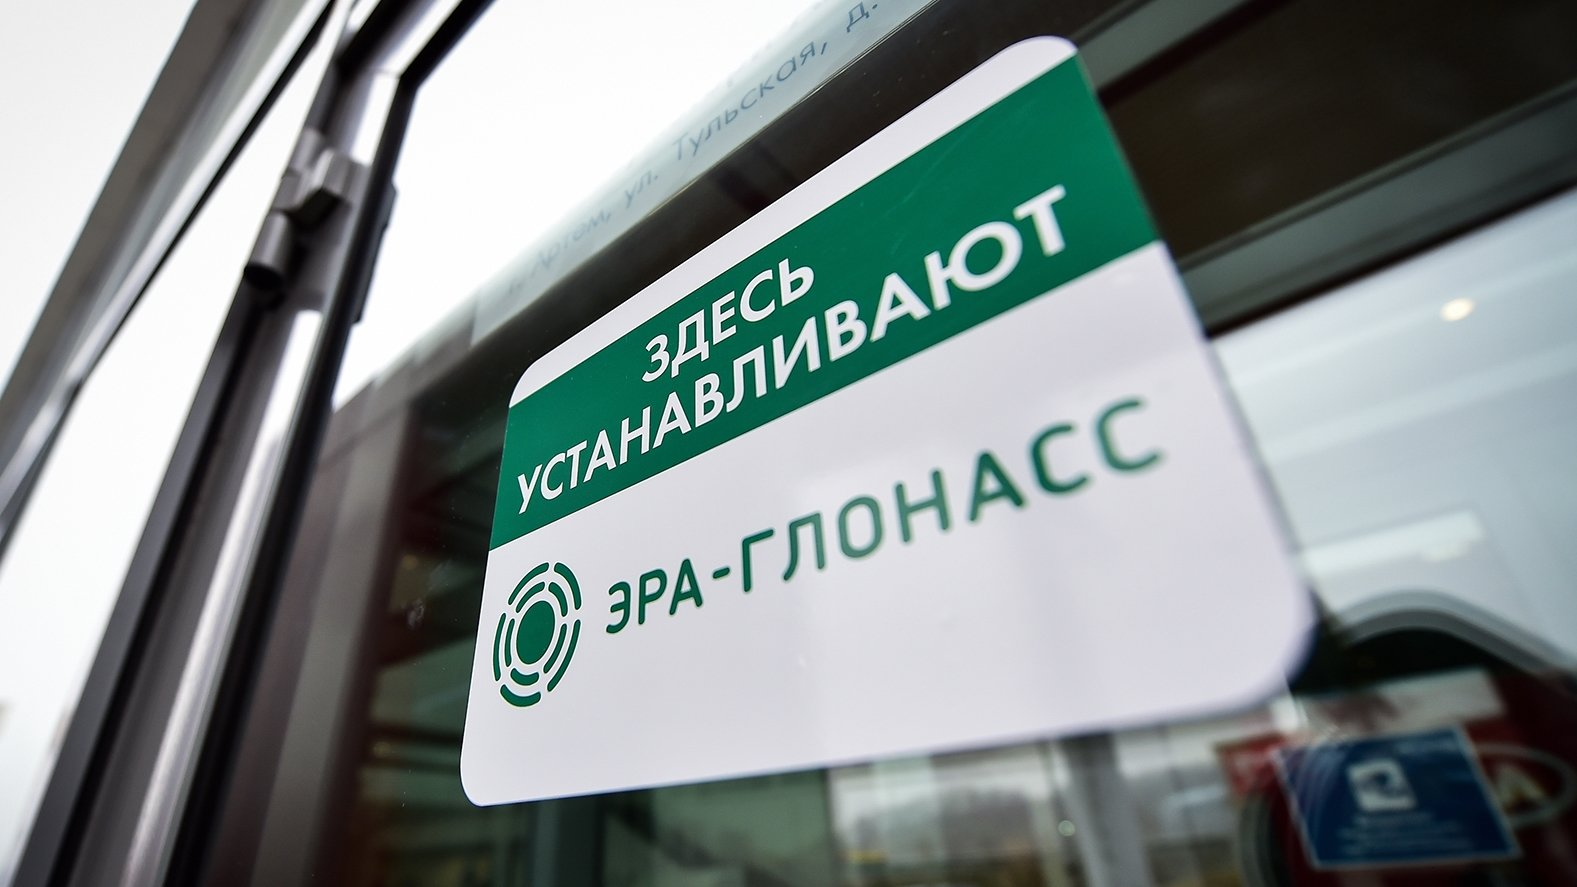 Российский Минтранс намерен установить чипы ГЛОНАСС на товары, возимые в страну